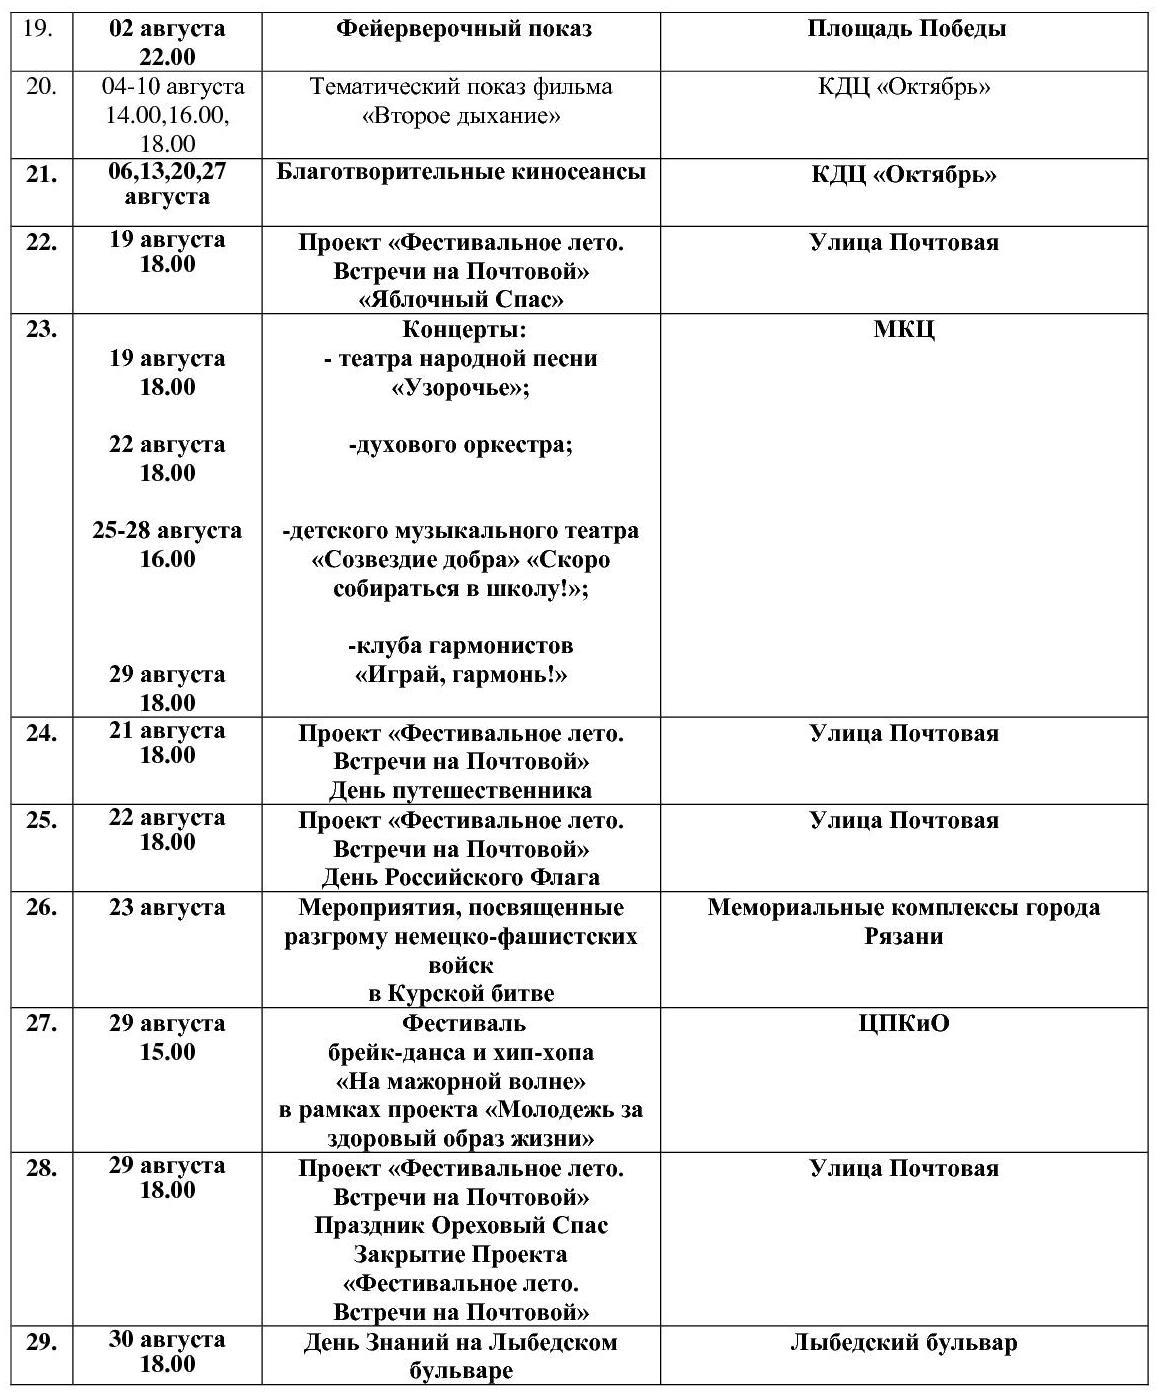 План мероприятий на август 2015 год.page2.b